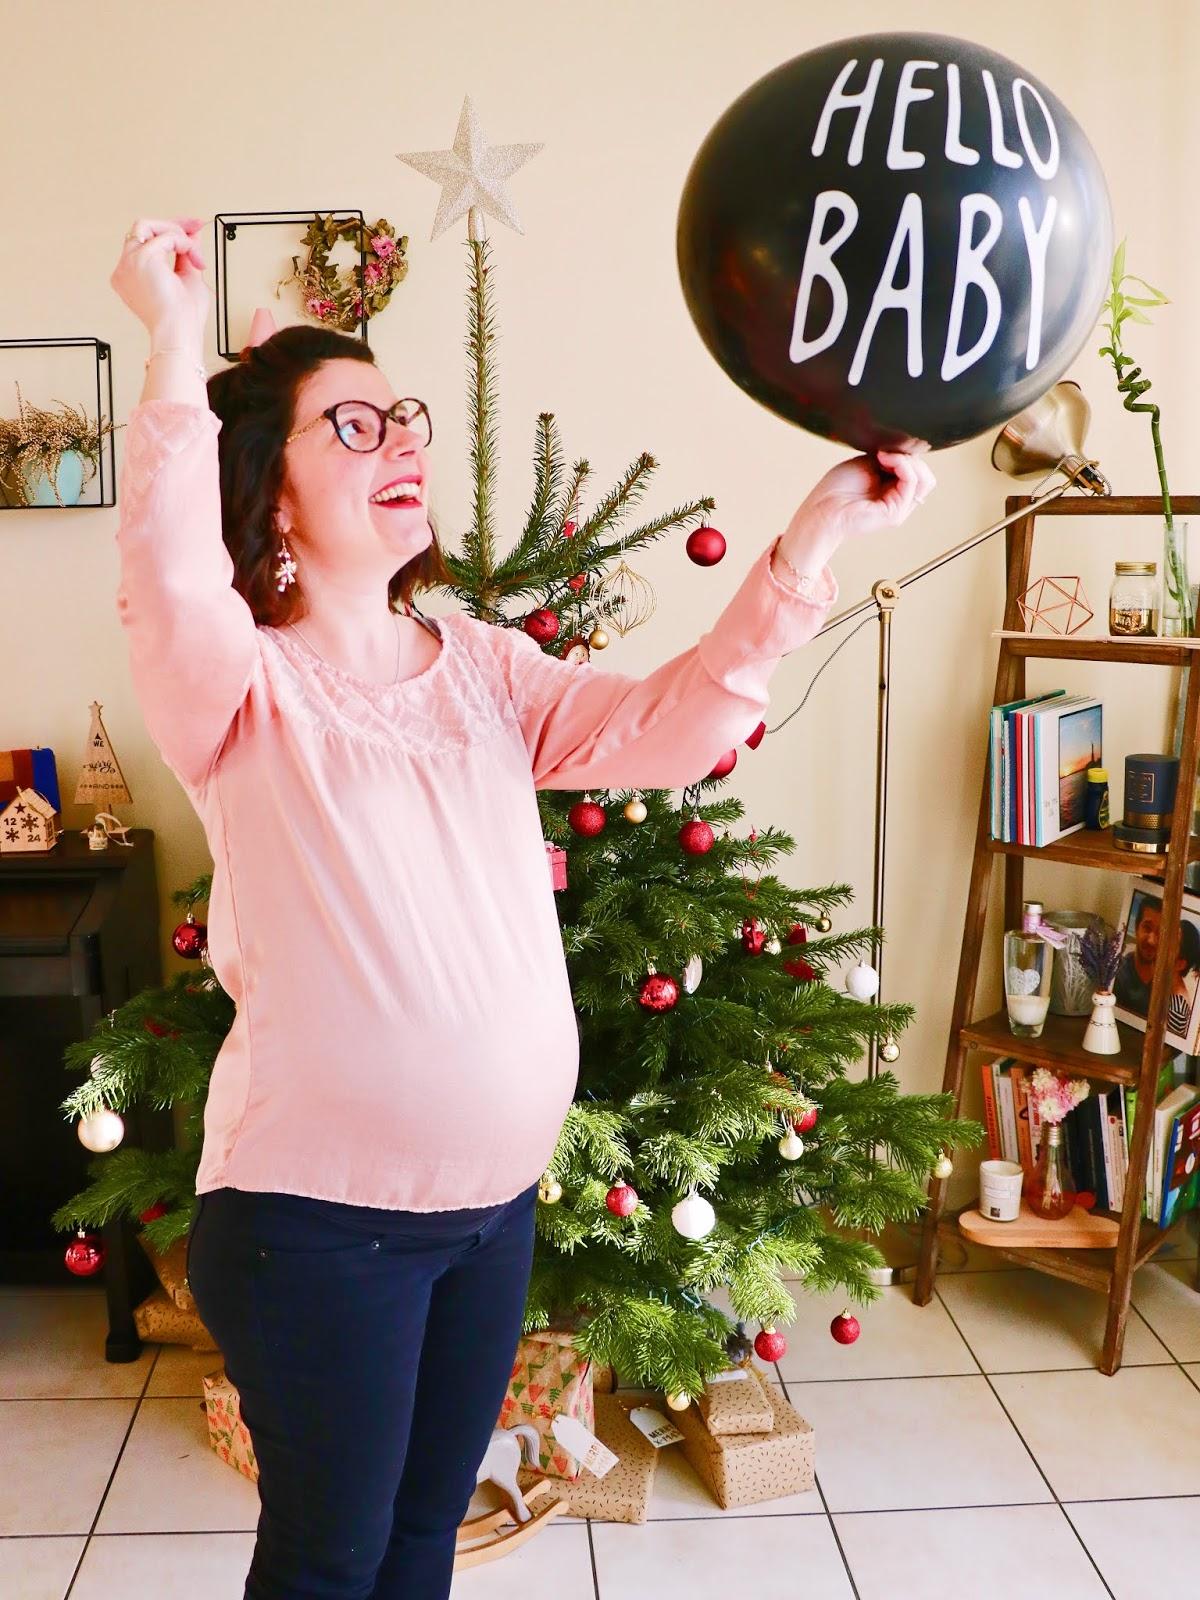 fille ou garçon gender reveal révélation sexe du bébé grossesse maternité ballon confettis ambassadeur parly 2 futurs parents comment annoncer les gommettes de melo